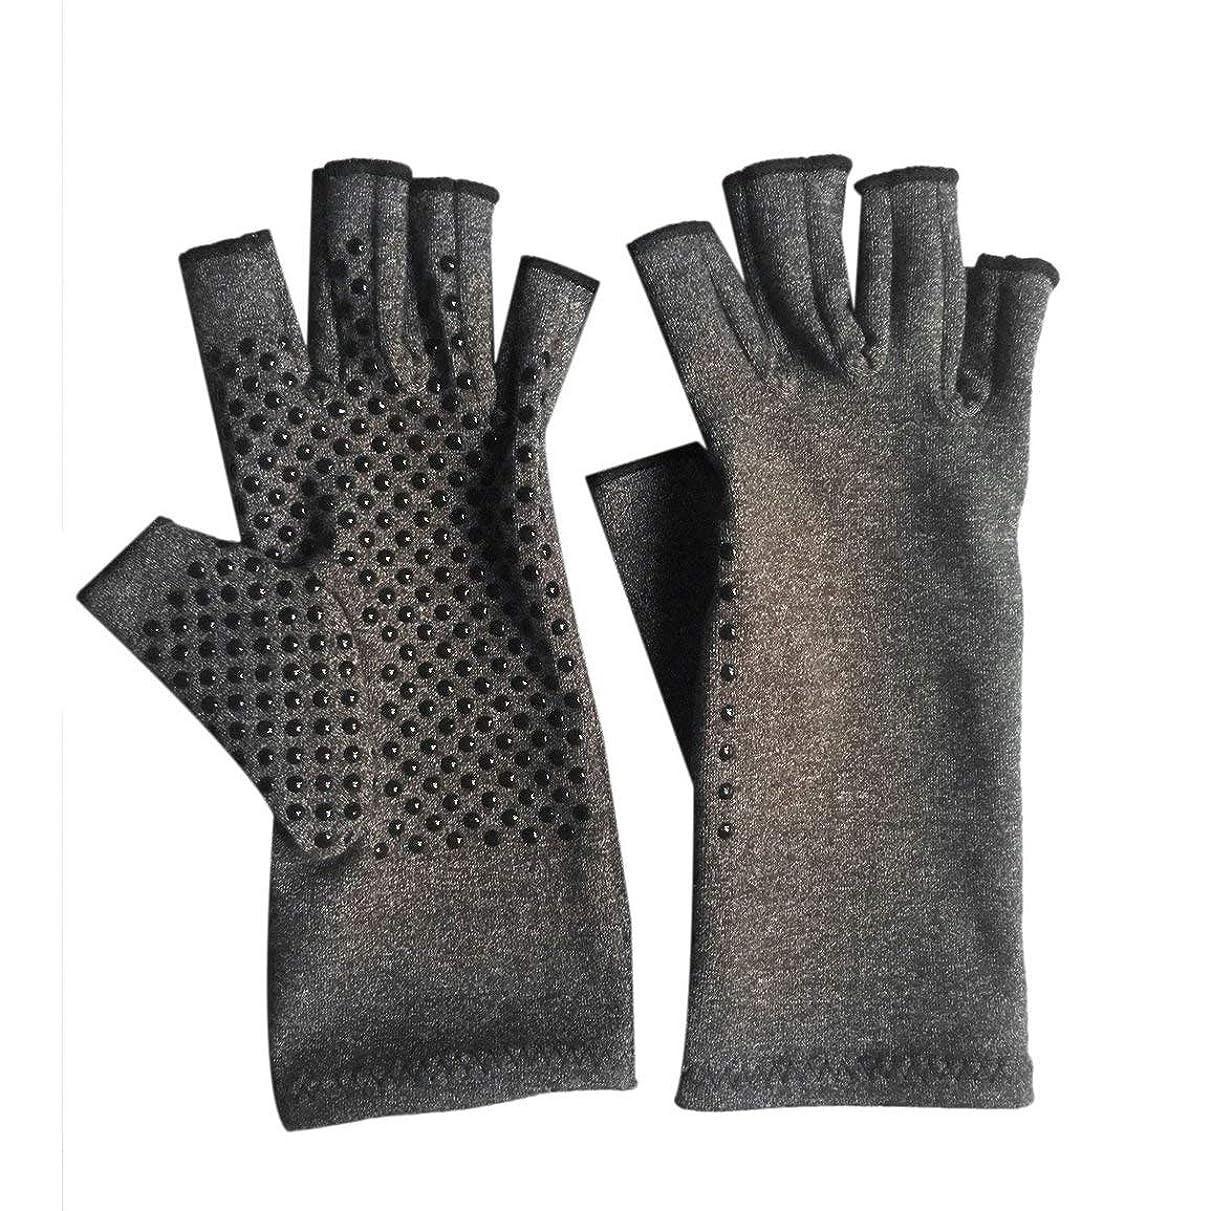 読みやすい勇気のある忍耐1ペアユニセックス男性女性療法圧縮手袋関節炎関節痛緩和ヘルスケア半指手袋トレーニング手袋 - グレーM